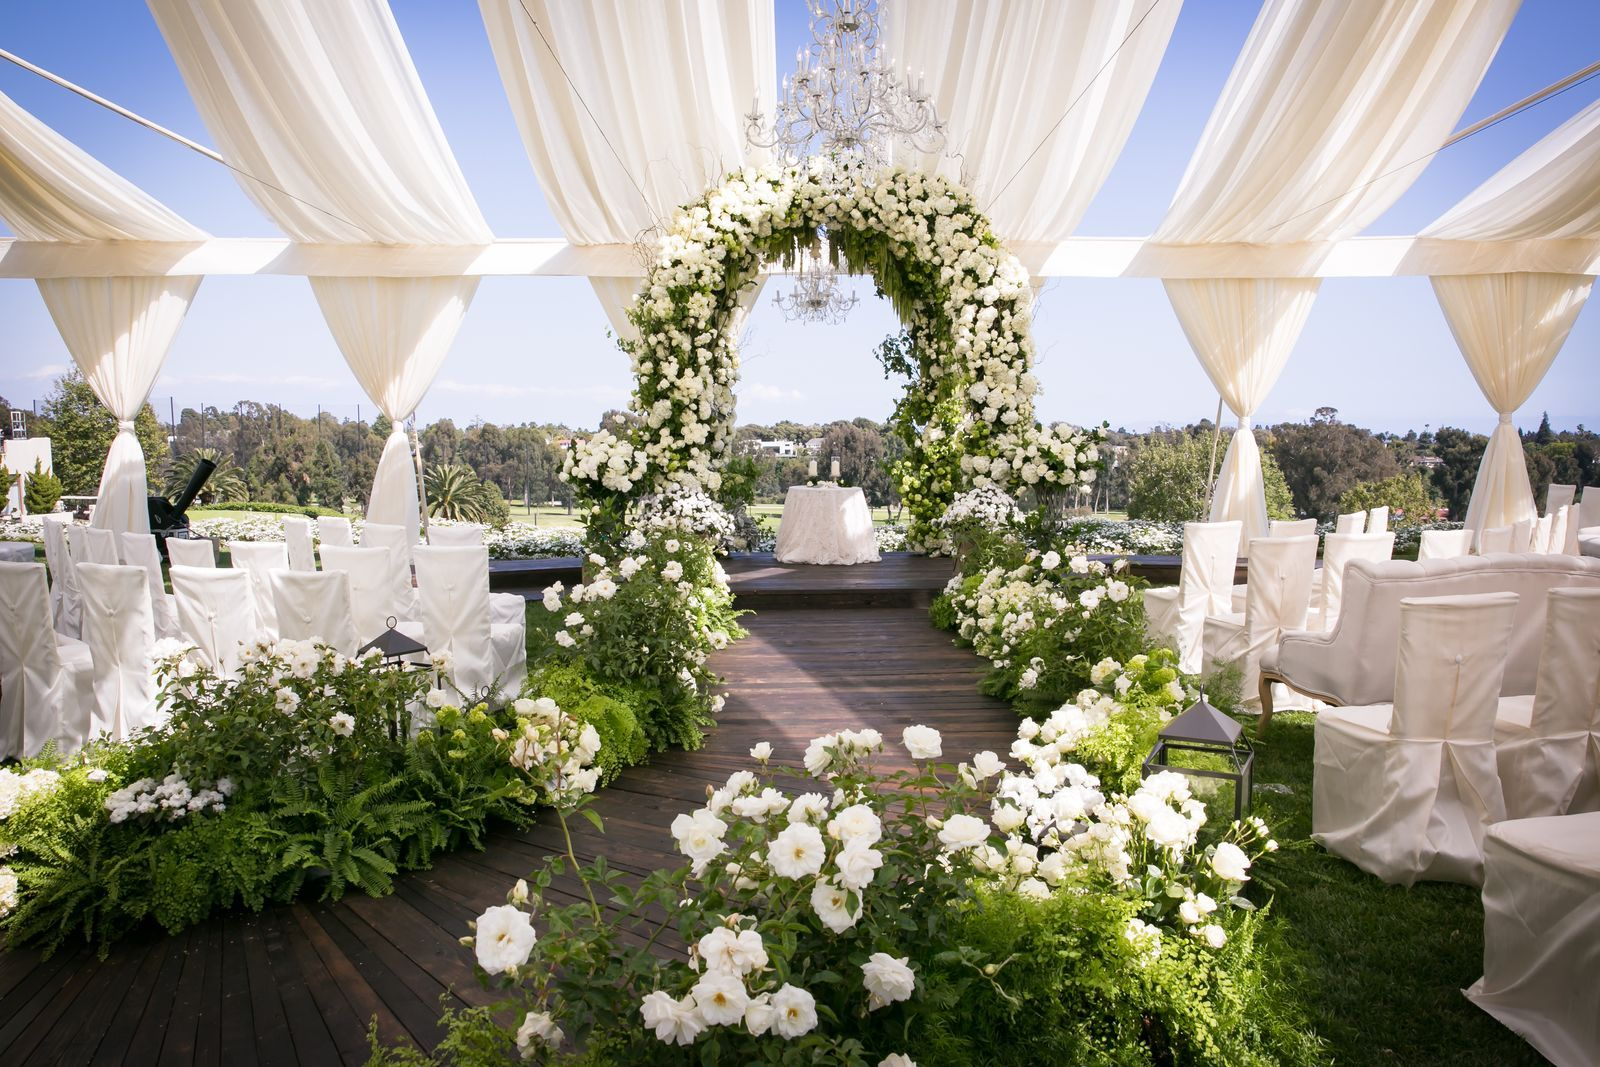 Bazaar S Little Black Book The Top Wedding Planners In The World Wedding Arch Outdoor Wedding Top Wedding Planners